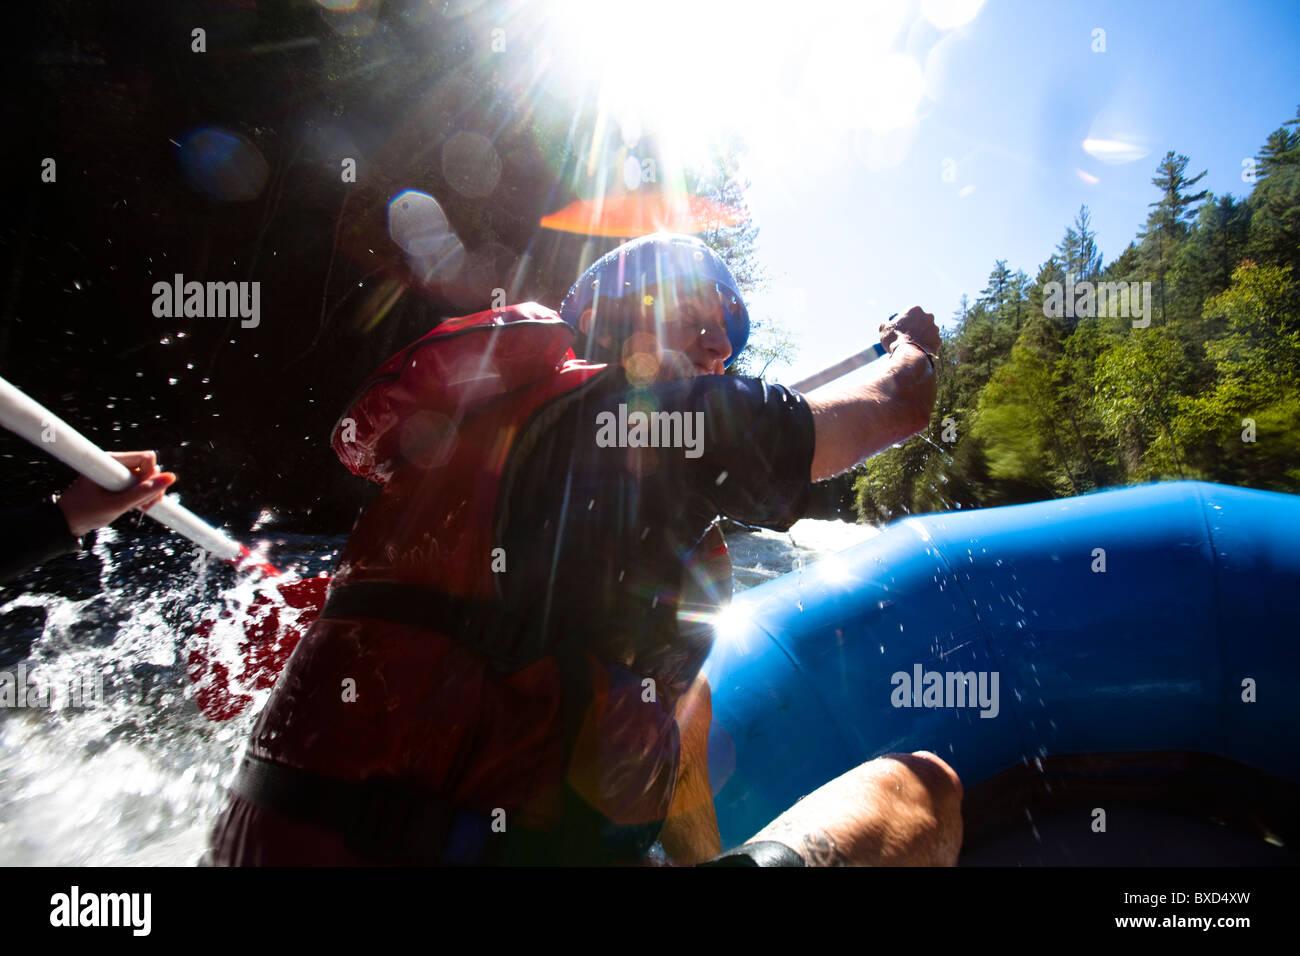 Ein junger Mann paddelt beim Wildwasser-rafting einen Fluss hinunter. Stockbild